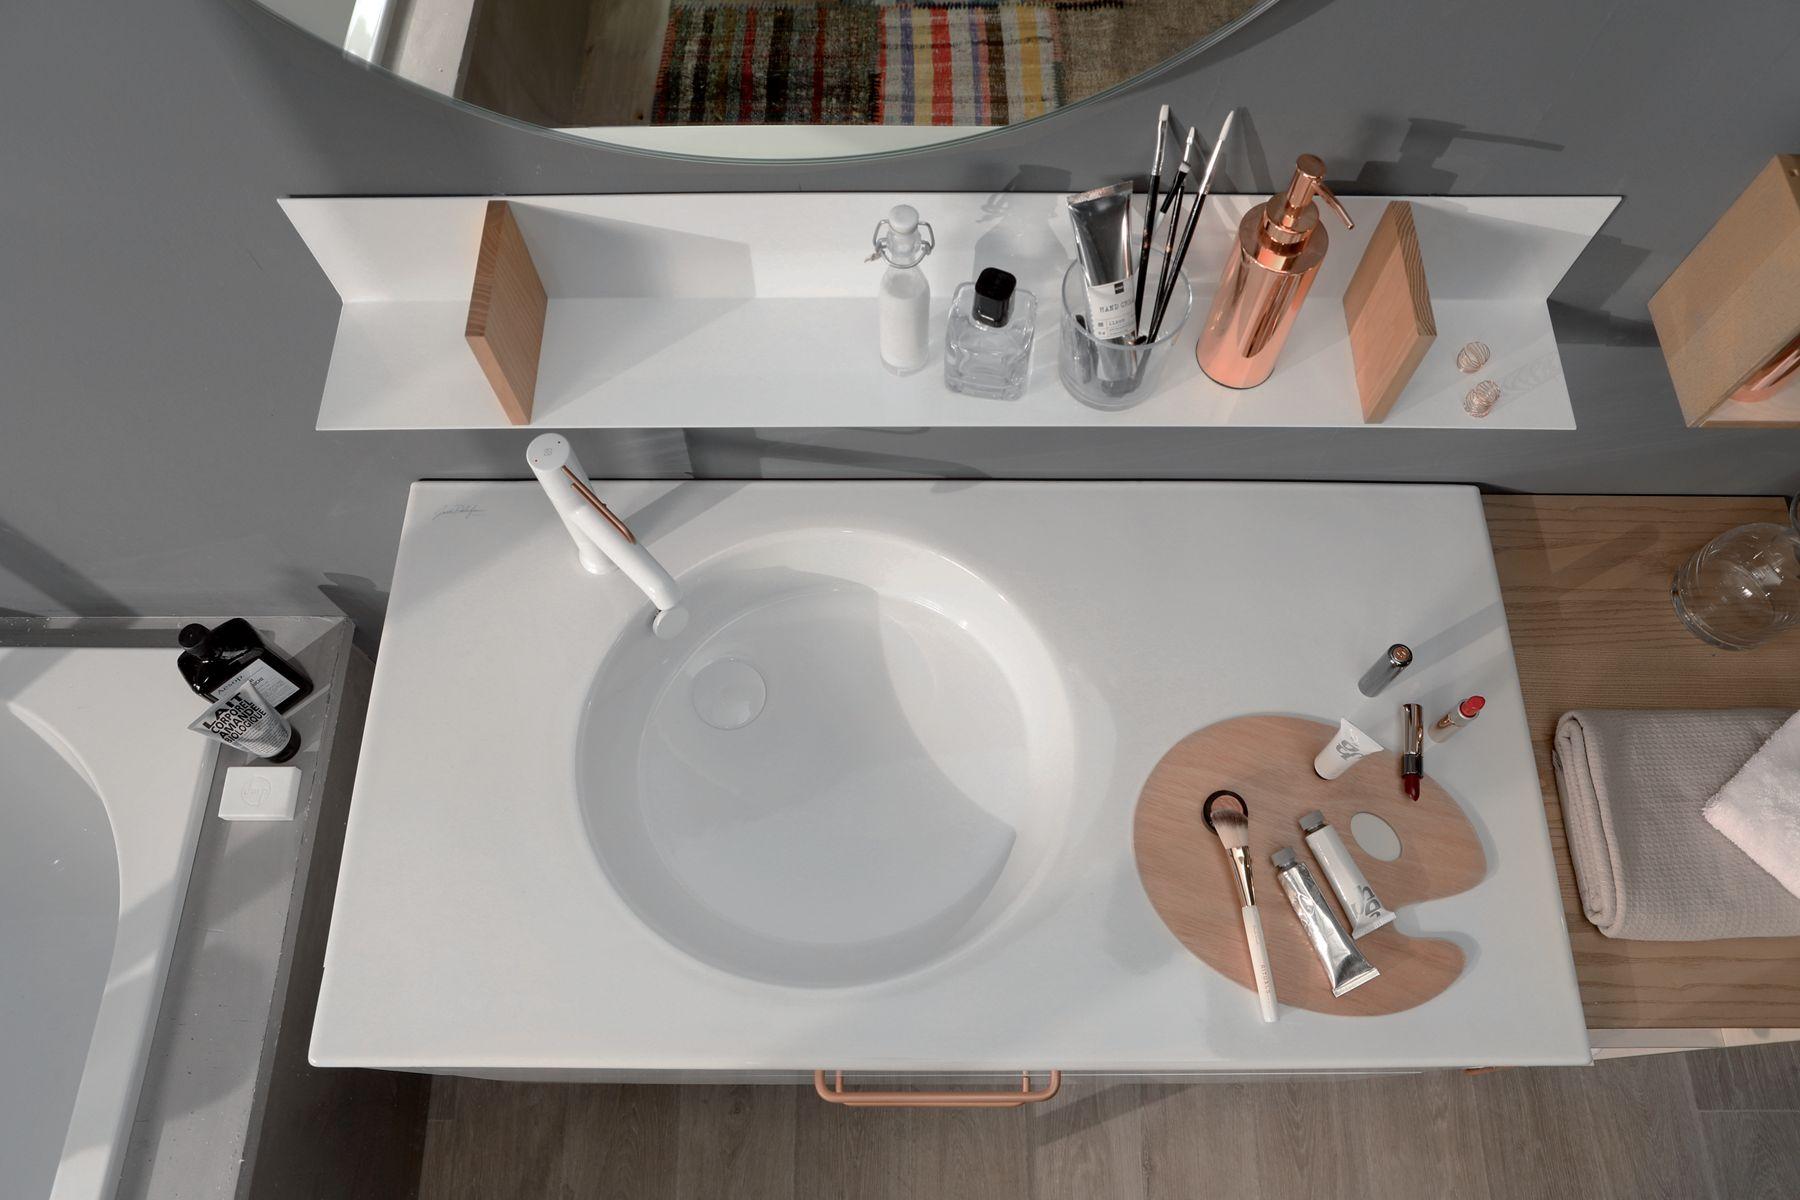 Le confort d'usage des plans-vasques